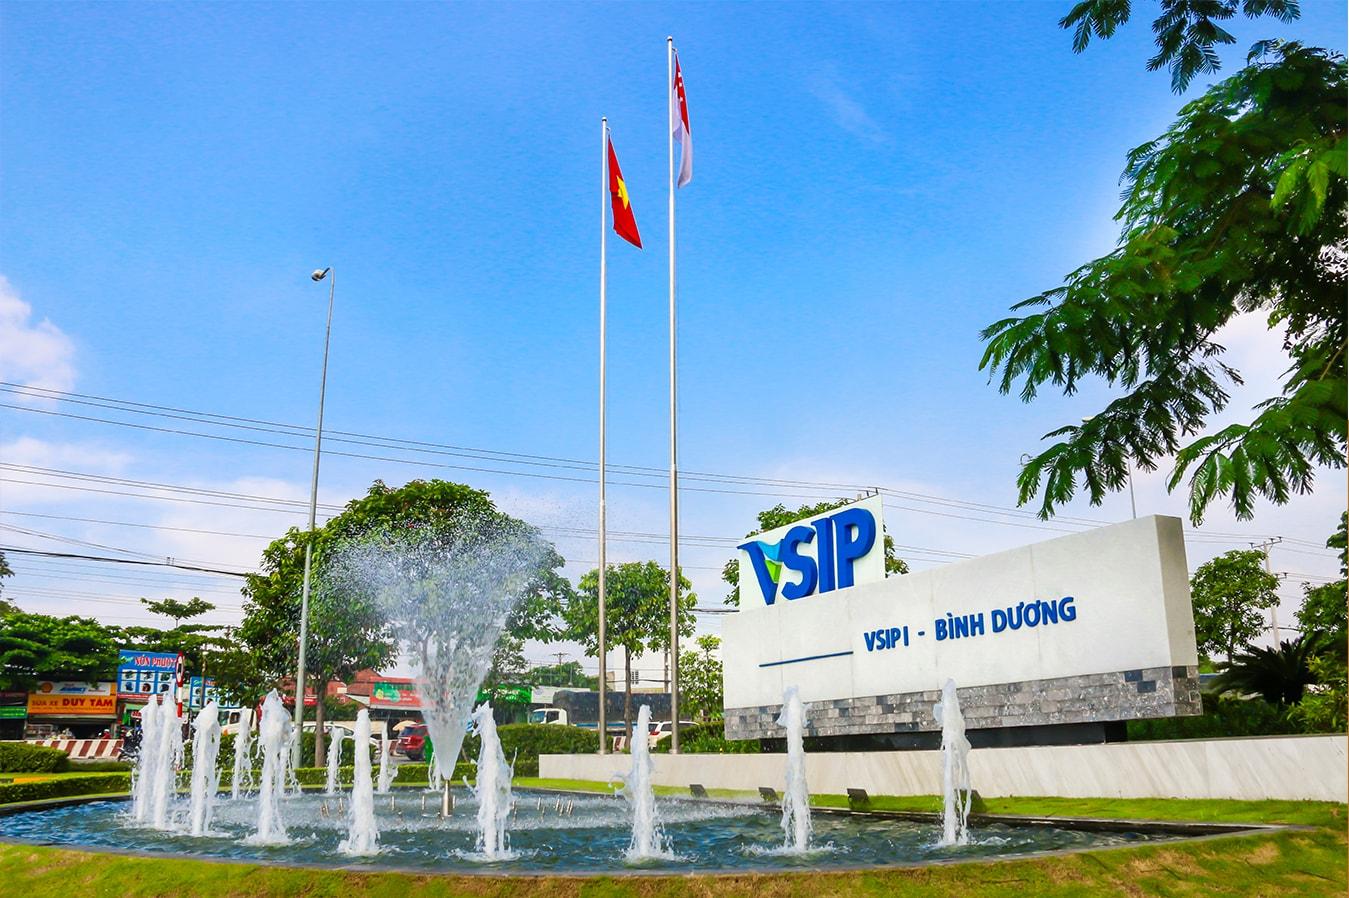 Khu công nghiệp VSIP